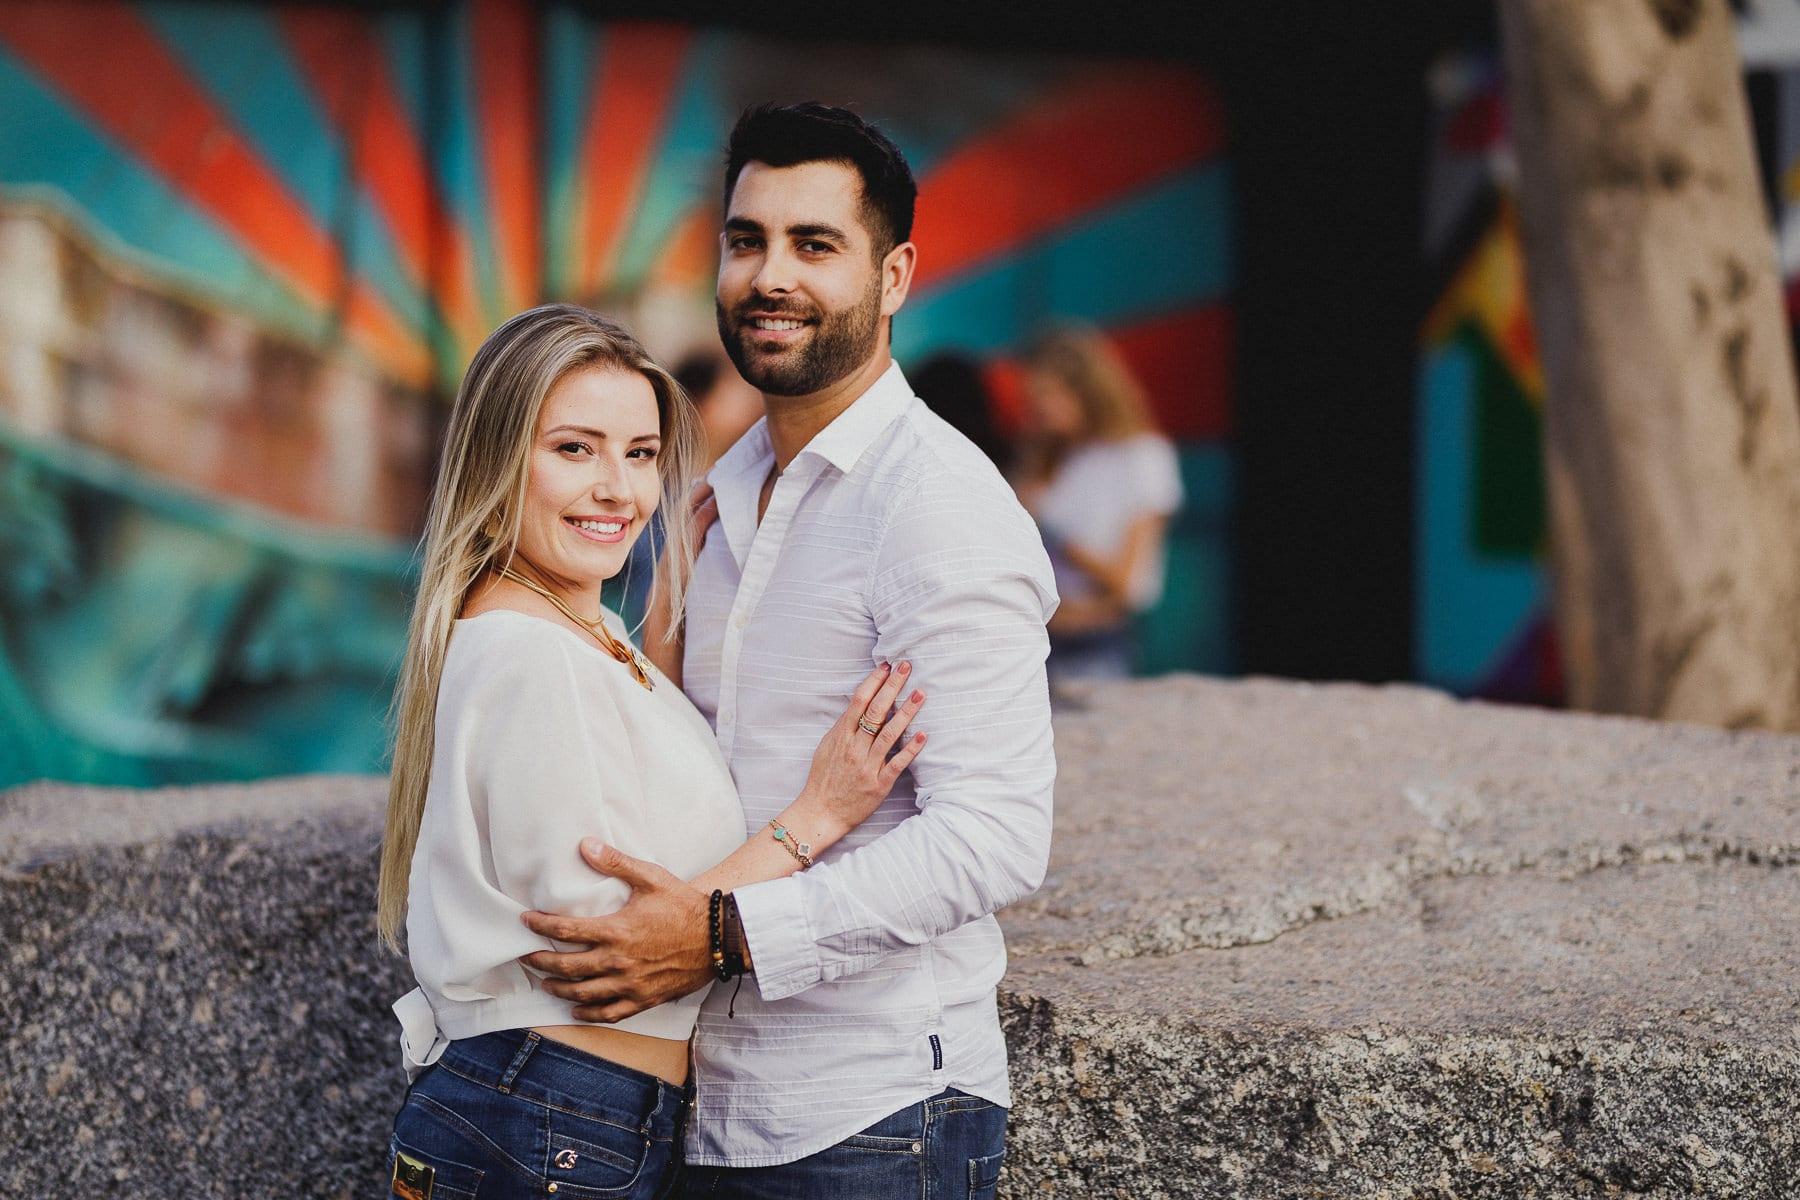 fotógrafo de casamento brasileiro em miami